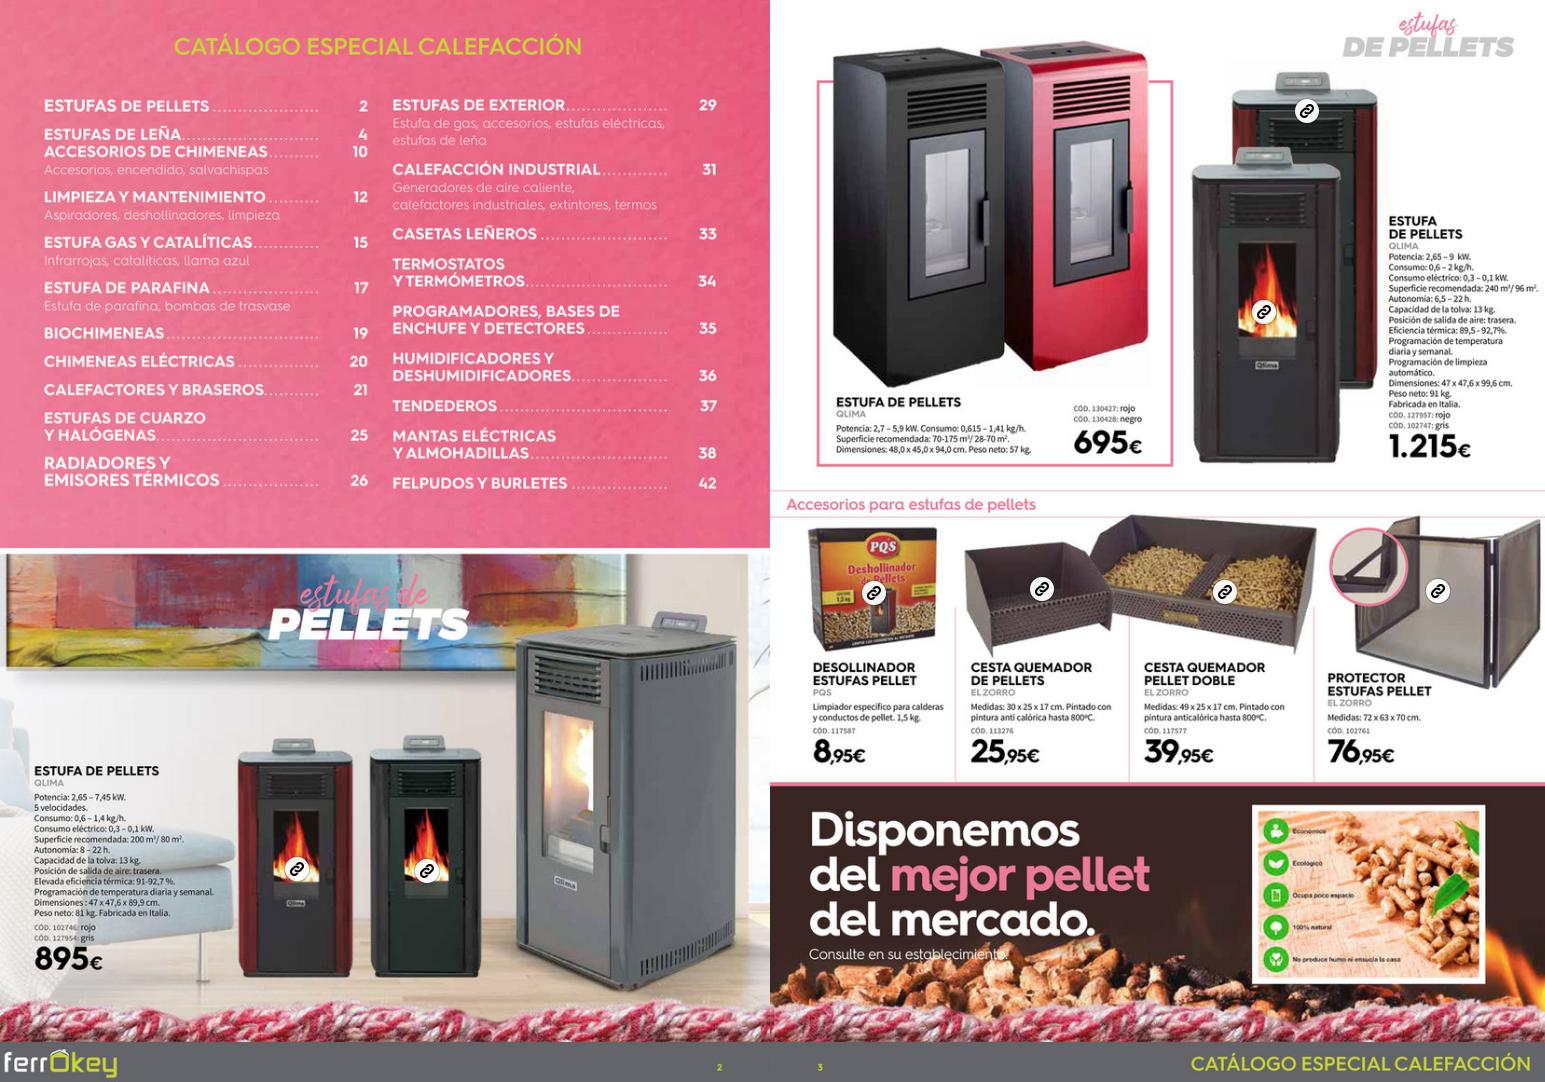 Catalogo especial calefaccion Feinpra Villacañas